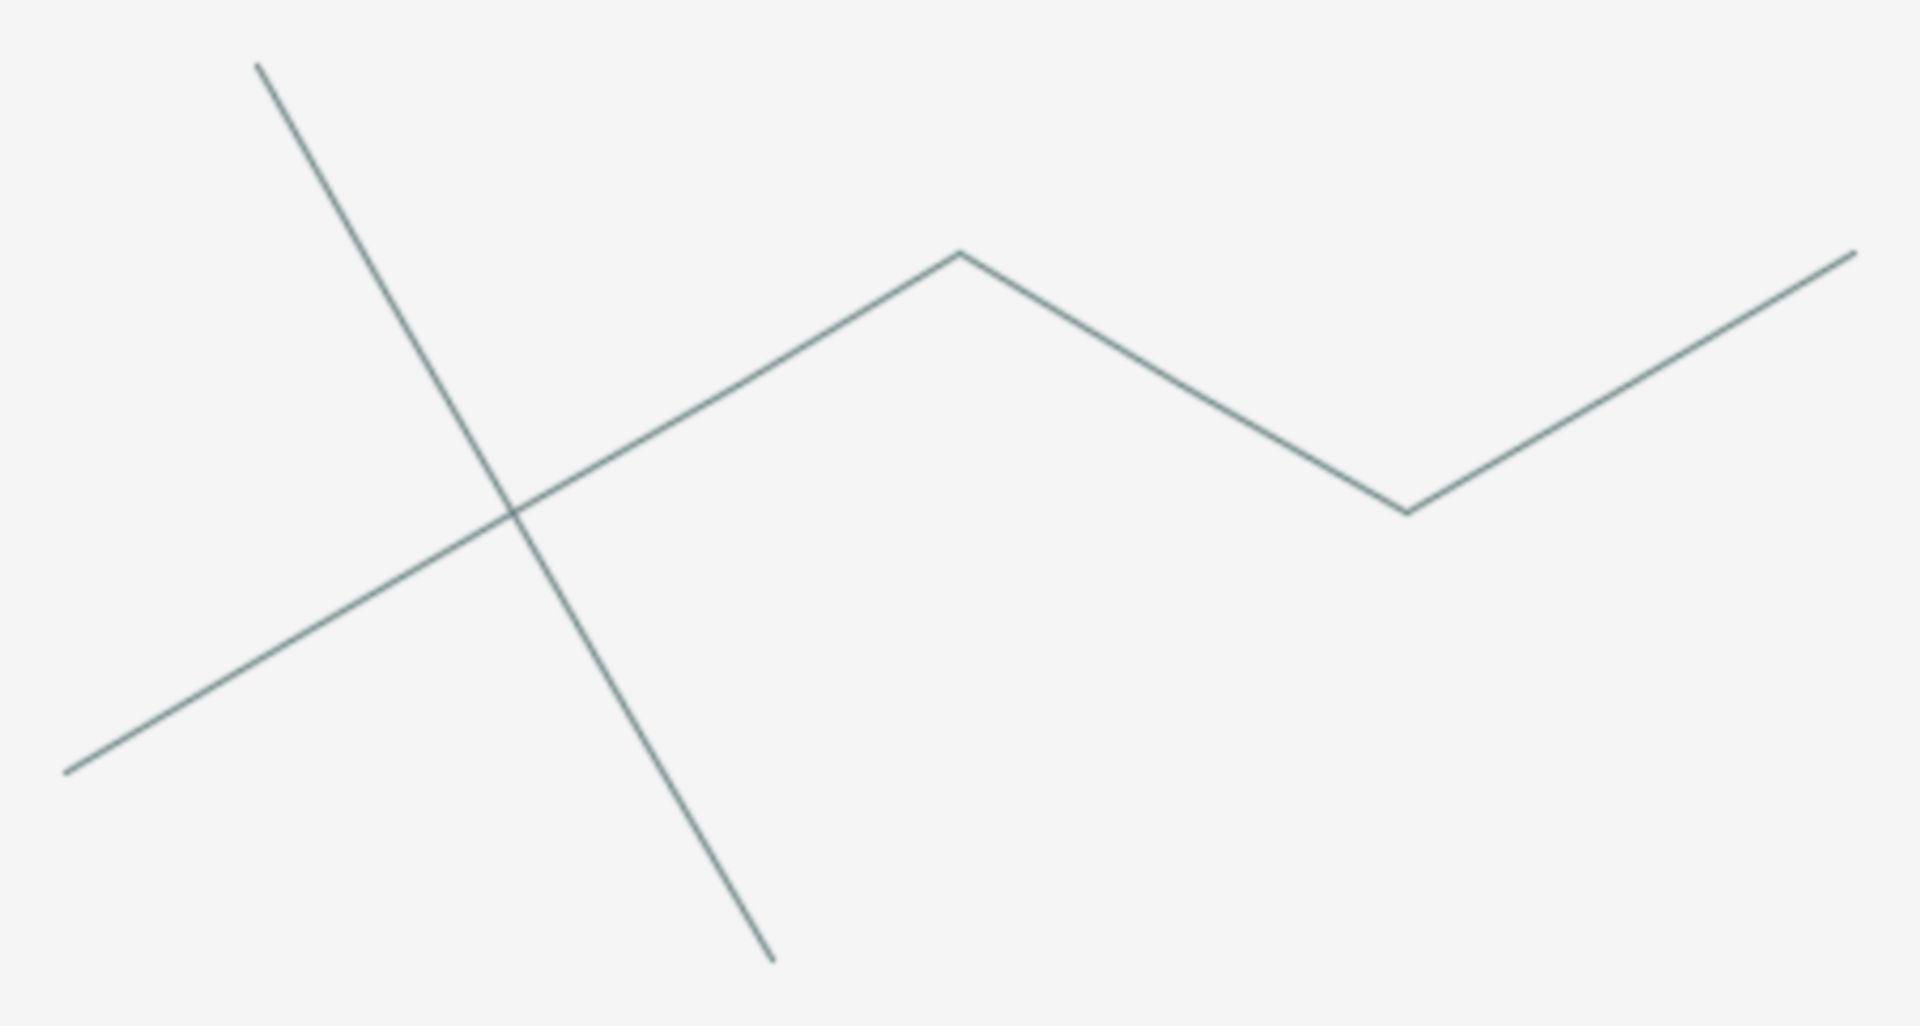 2,2-Dimethylpentan (Strukturformel)